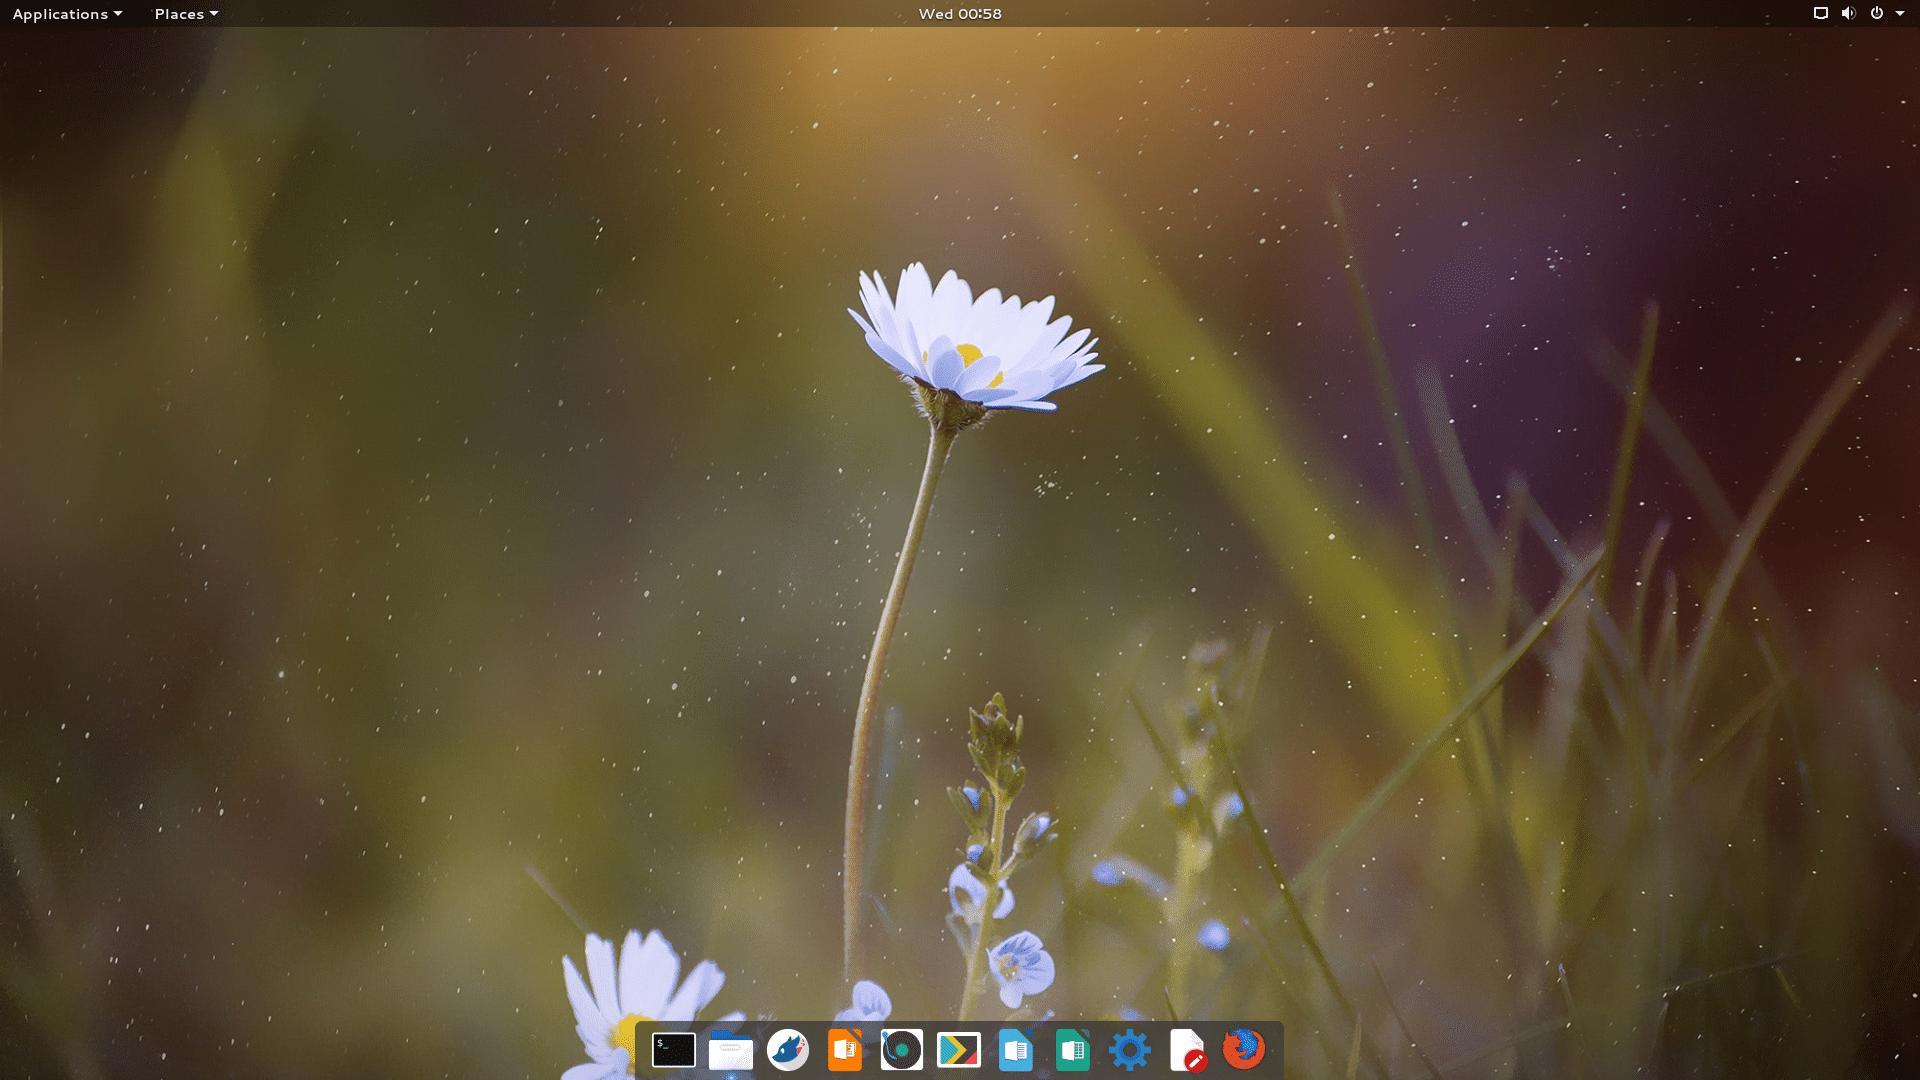 ArcoLinux e mais 3 distribuições têm nova versão